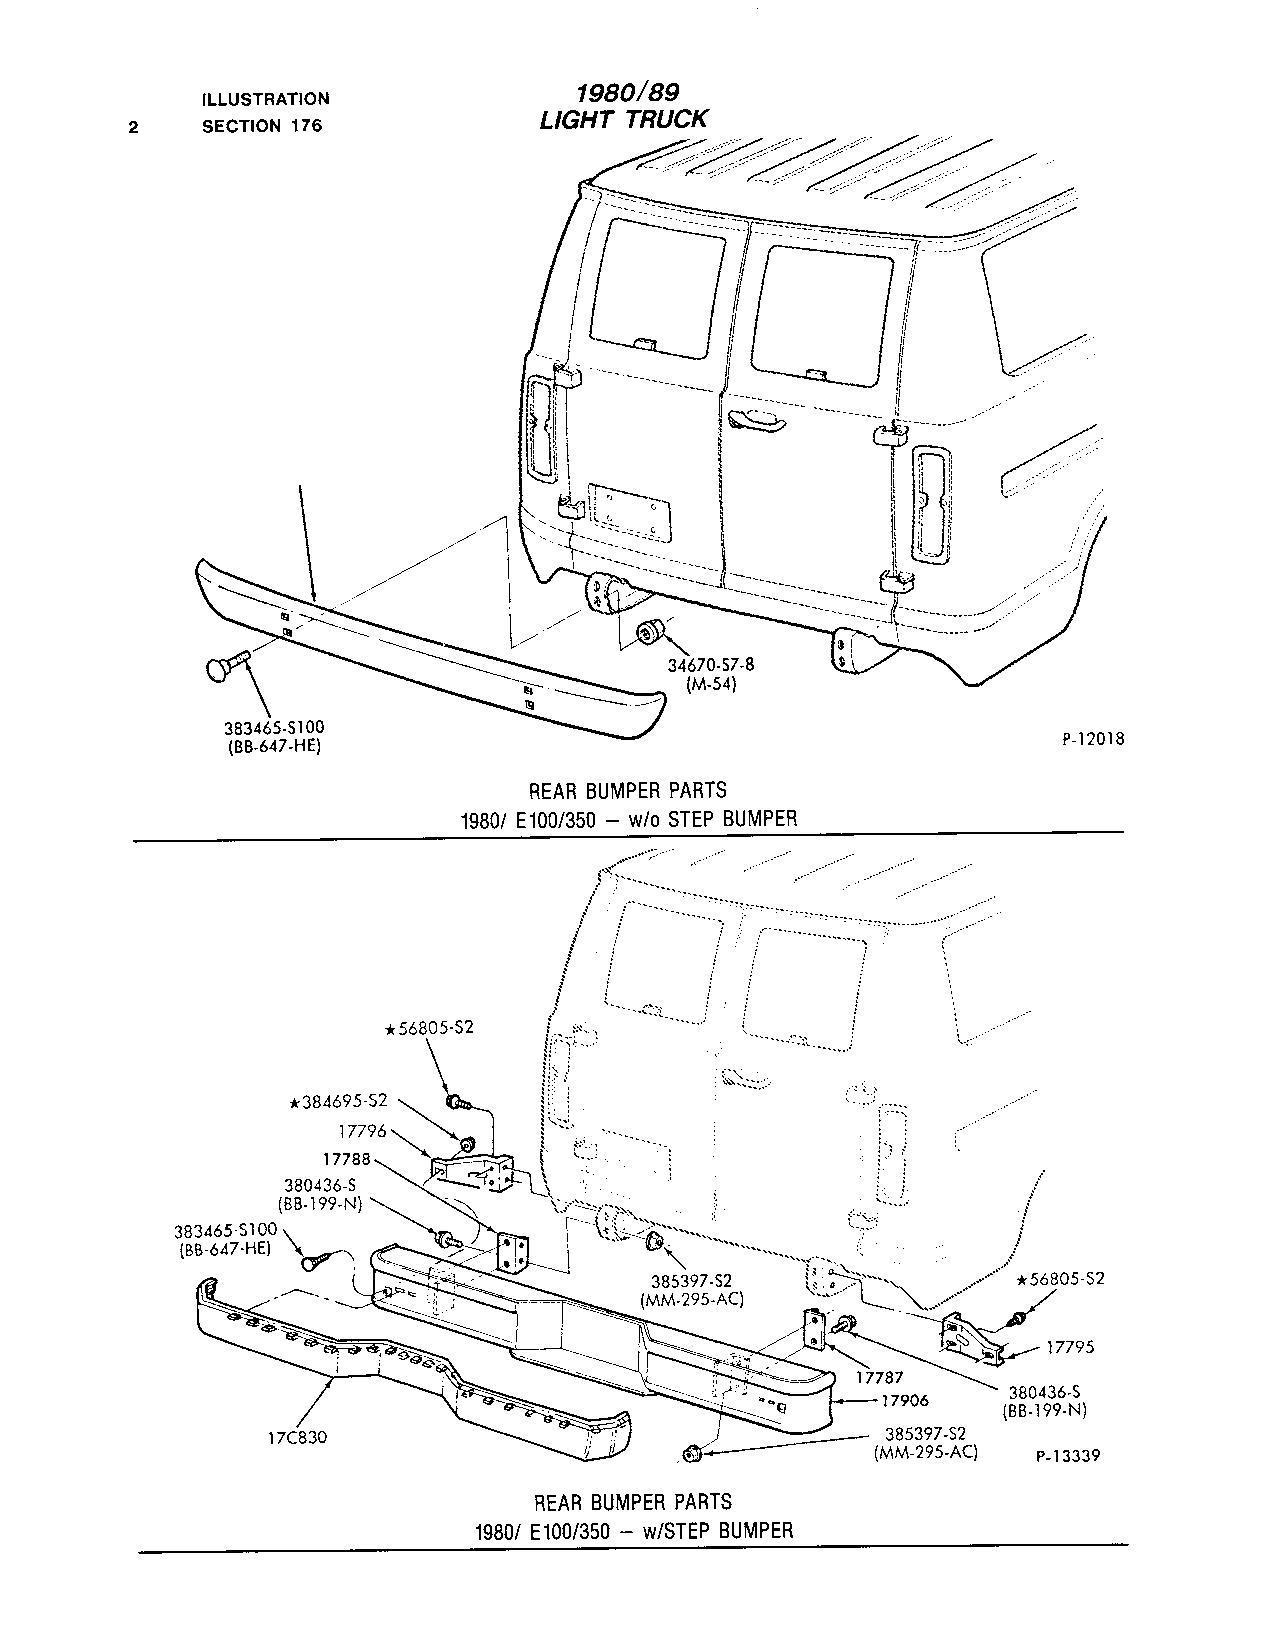 2012 Gu533 Mack Wiring Diagrams | Wiring Liry on